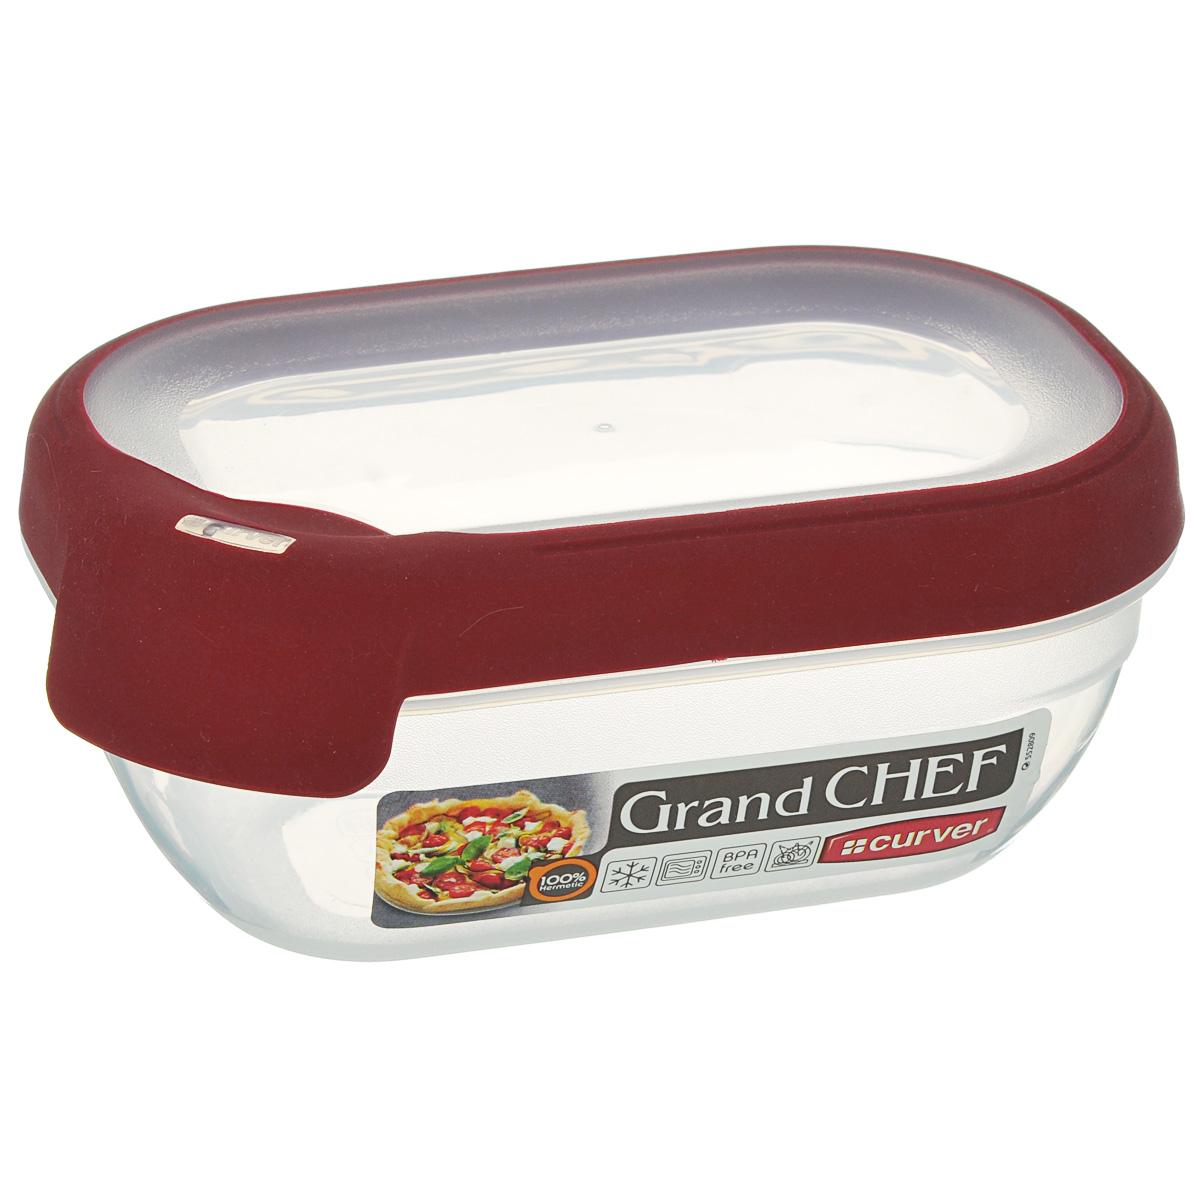 Емкость для заморозки и СВЧ Curver Grand Chef, цвет: бордовый, 0,5 л00007-416-03Прямоугольная емкость для заморозки и СВЧ Grand Chef изготовлена из высококачественного пищевого пластика (BPA free), который выдерживает температуру от -40°С до +100°С. Стенки емкости и крышка прозрачные. Крышка по краю оснащена силиконовой вставкой, благодаря которой плотно и герметично закрывается, дольше сохраняя продукты свежими и вкусными. Емкость удобно брать с собой на работу, учебу, пикник или просто использовать для хранения пищи в холодильнике. Можно использовать в микроволновой печи и для заморозки в морозильной камере. Можно мыть в посудомоечной машине.